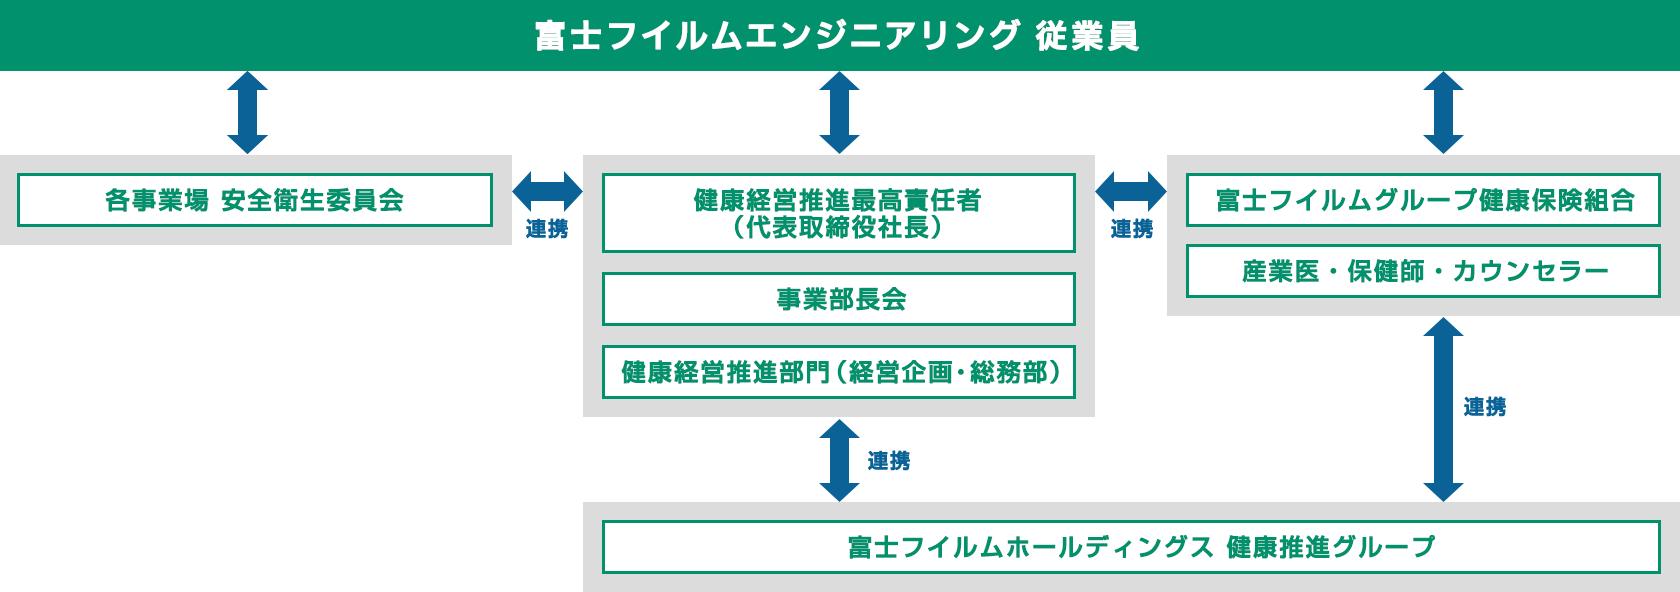 [図]富士フイルムエンジニアリング健康経営推進体制